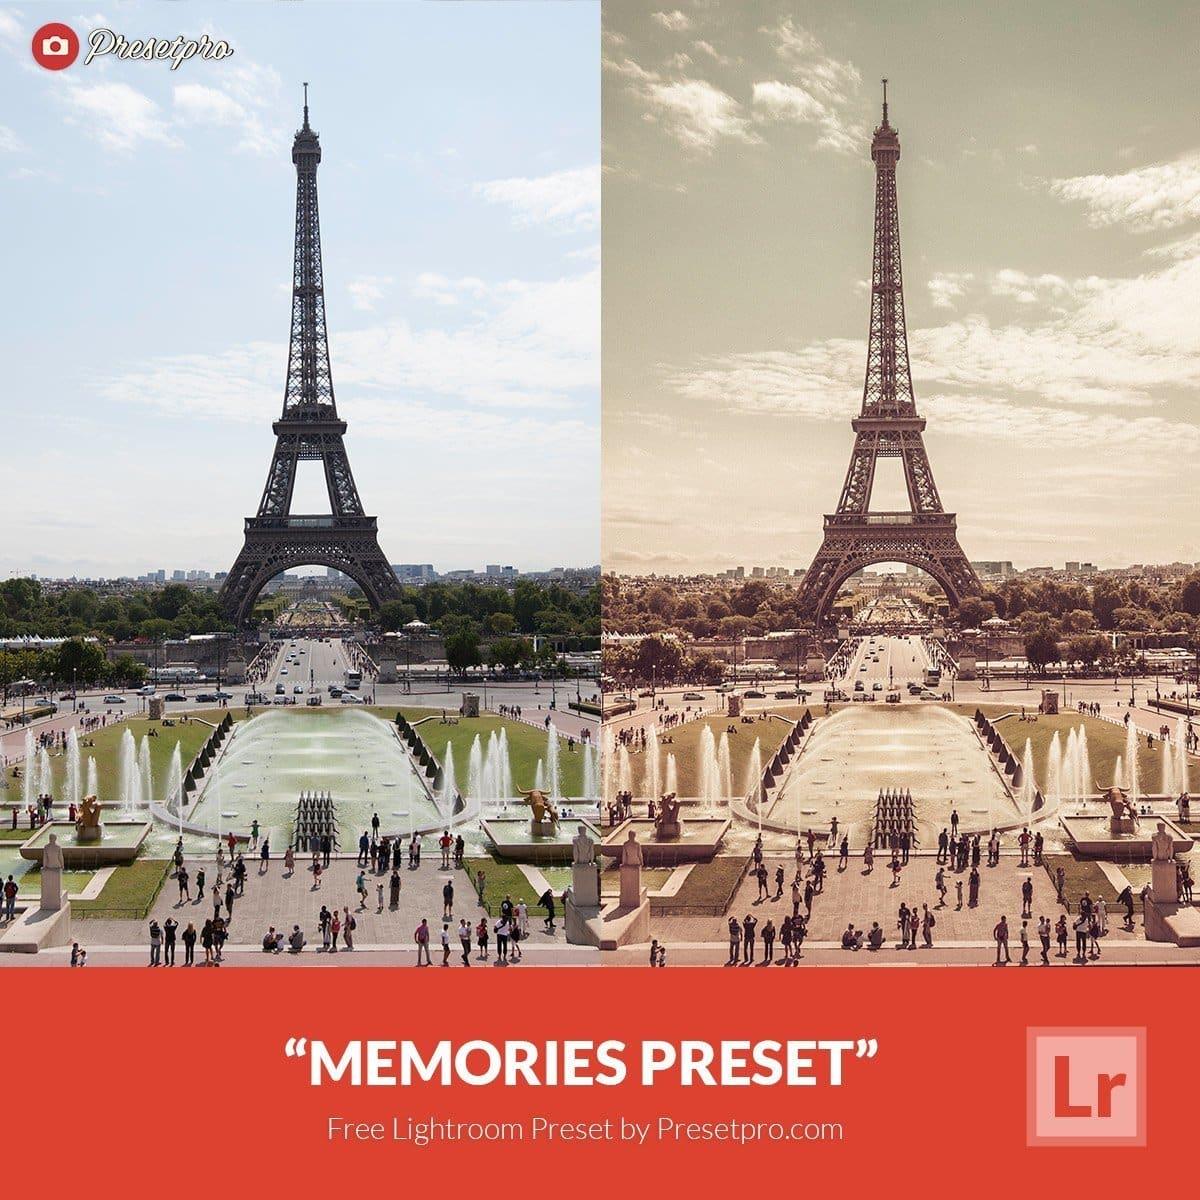 Free-Lightroom-Preset-Memories-Presetpro.com